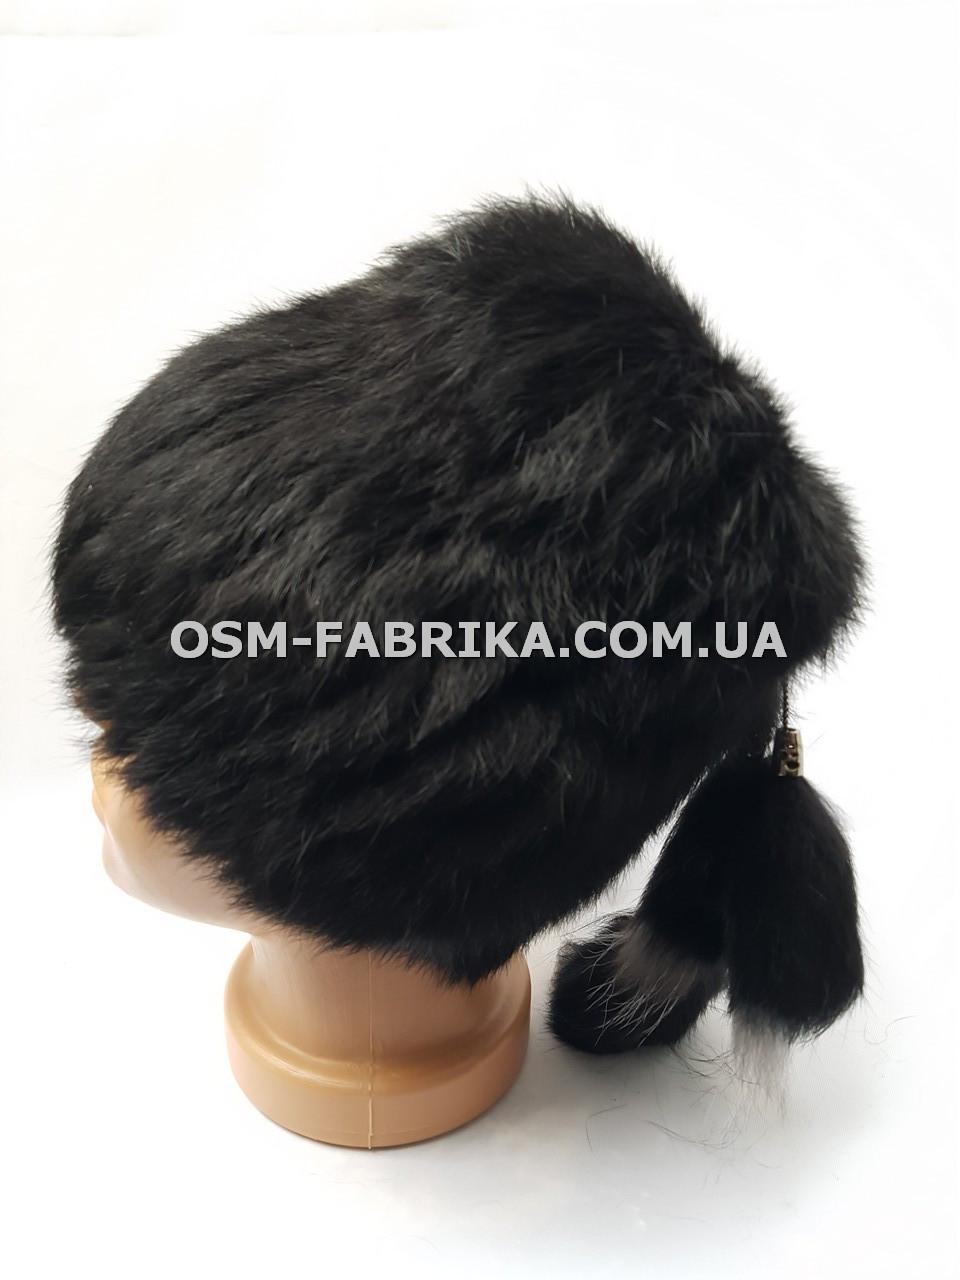 Модная женская меховая шапка кролик по выгодным ценам